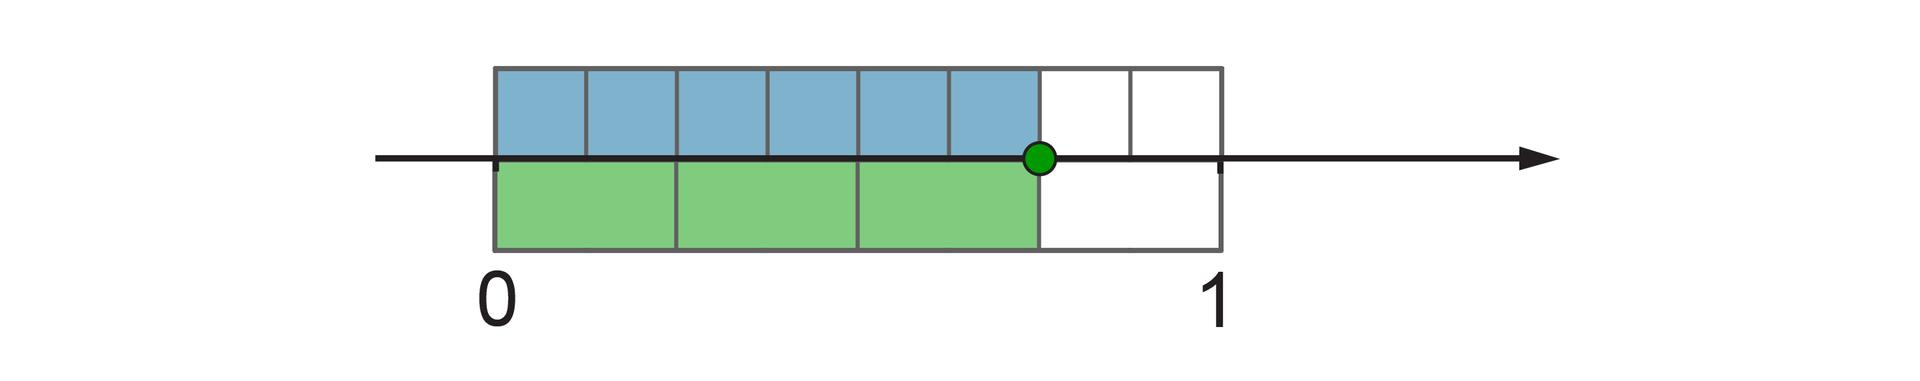 Rysunek osi liczbowej zzaznaczonymi punktami 0 i1. Pomiędzy punktami 0 i1 nad osią prostokąt podzielony na 8 równych części, zamalowane 6 części. Pod osią prostokąt podzielony na 4 równe części, zamalowane 3 części. Zamalowane pola są sobie równe. Rysunek jest rozwiązaniem zadania.